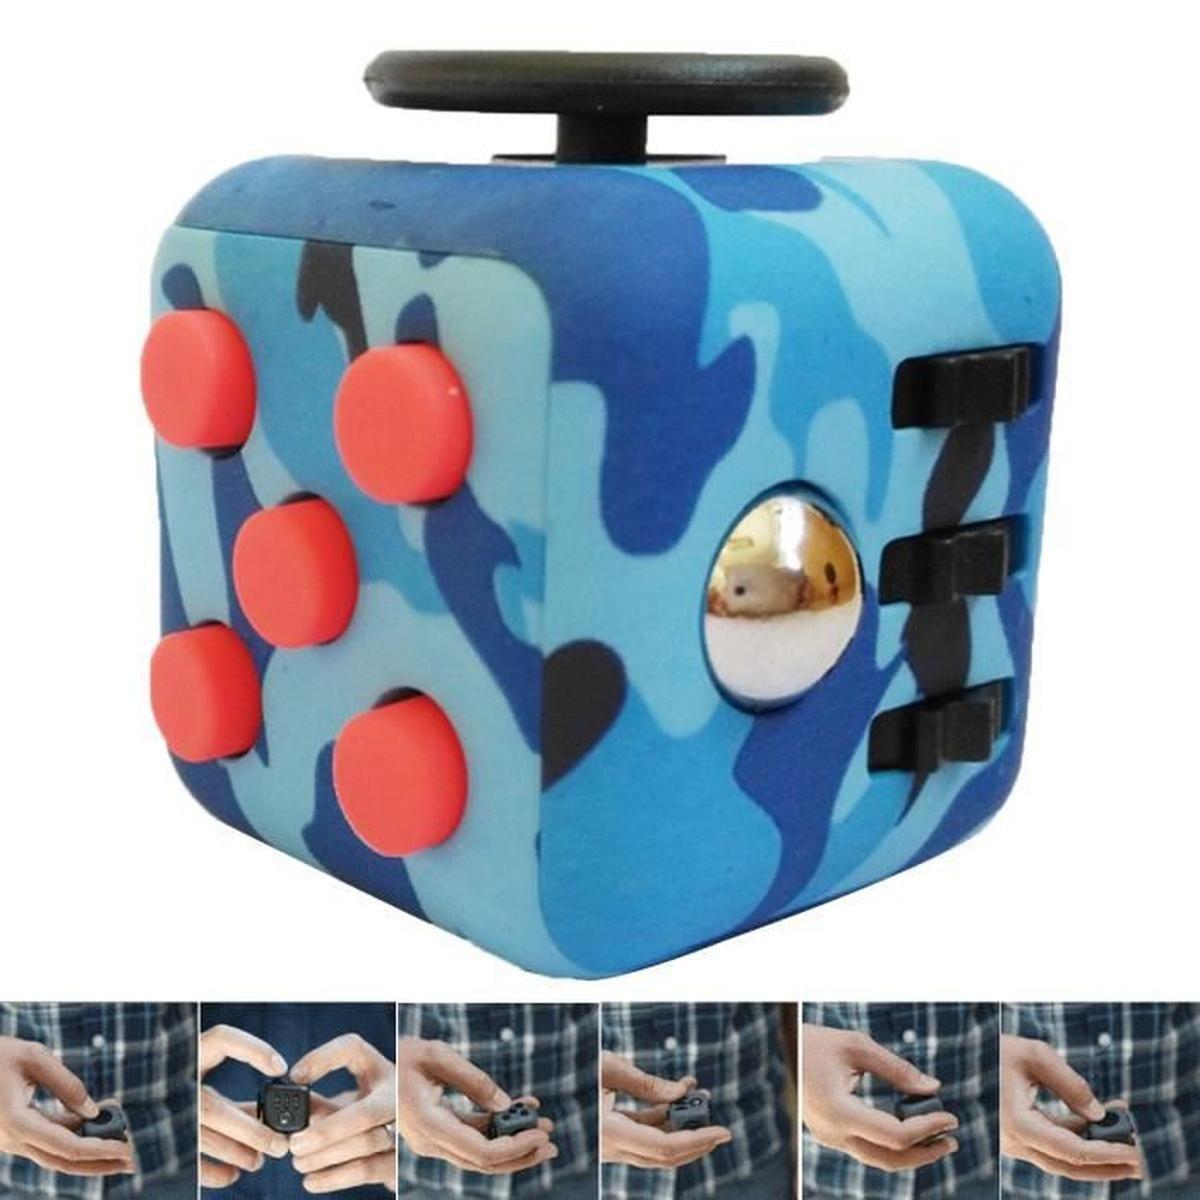 3D Cube Anti Stress Soulagement Jouet Adulte Enfant Adhd intérieur Jeux De Anti Stress